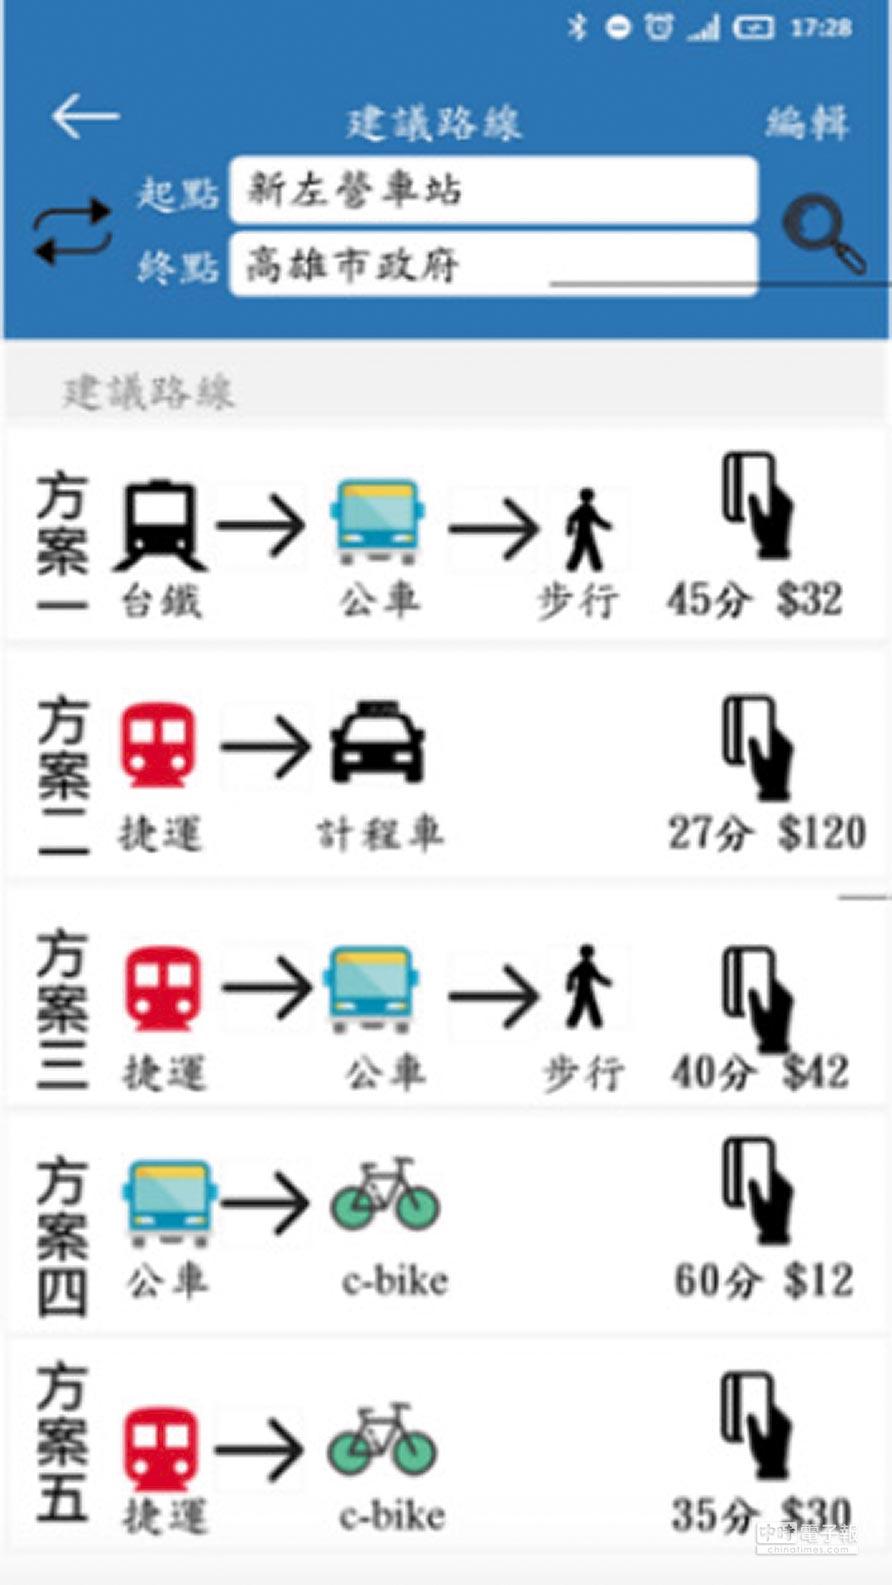 交通部與高雄市府合作10月推出MaaS,整合各式公共運具及計程車,圖為運研所模擬App畫面,為民眾規畫行程。(運研所提供)